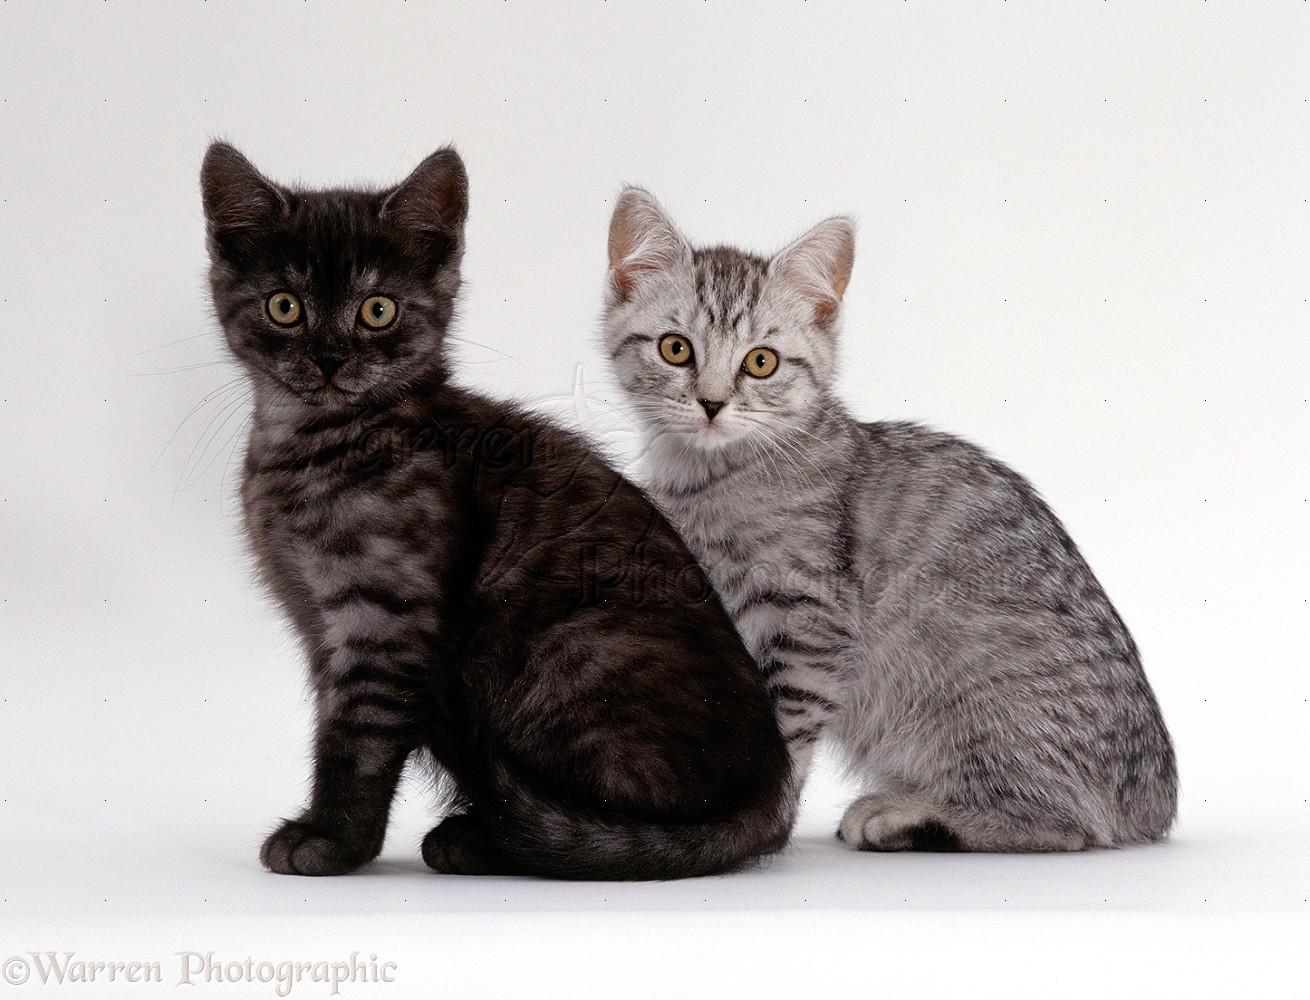 gronk kittens